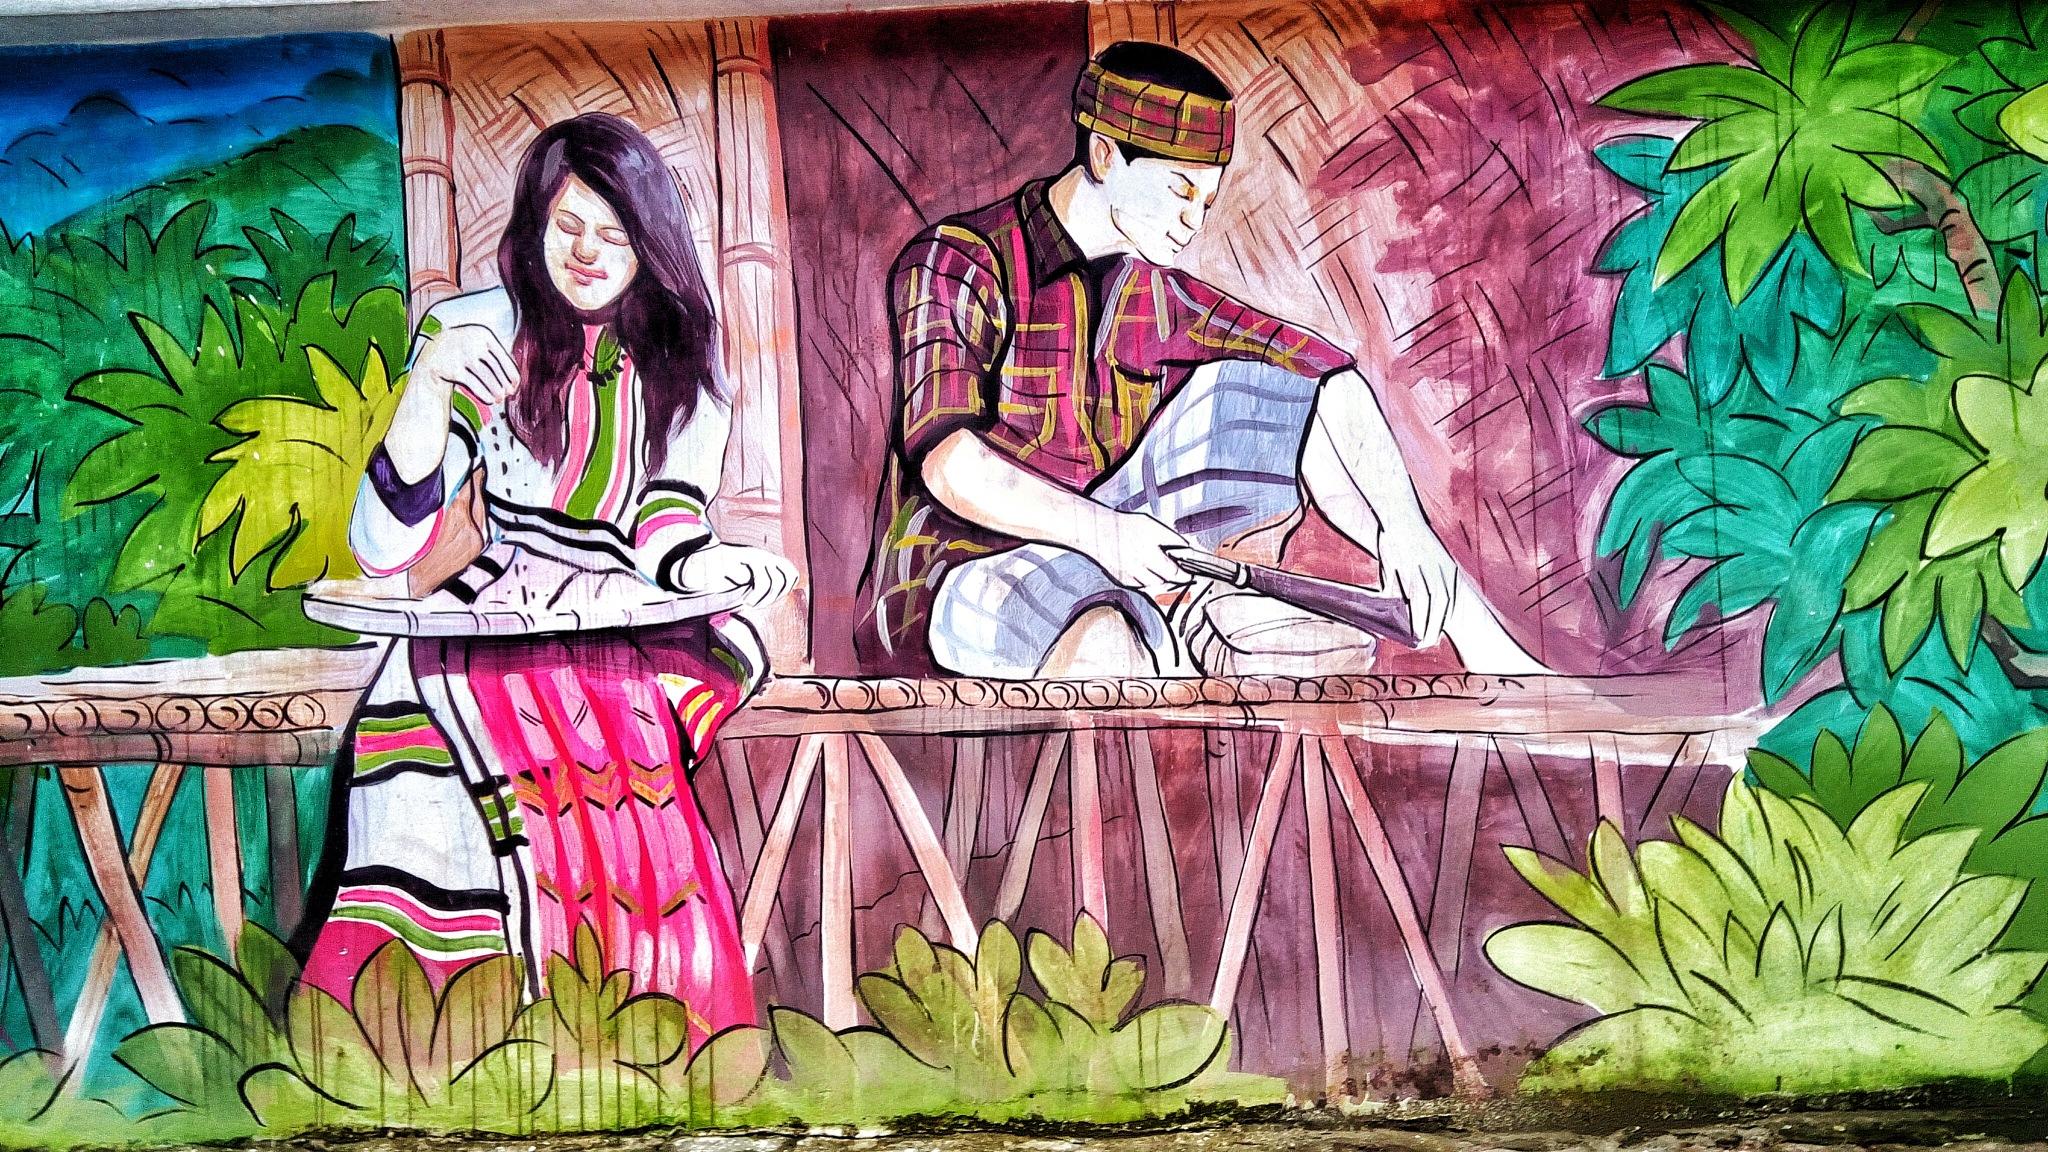 wallpaint by Mushfiq Shanto